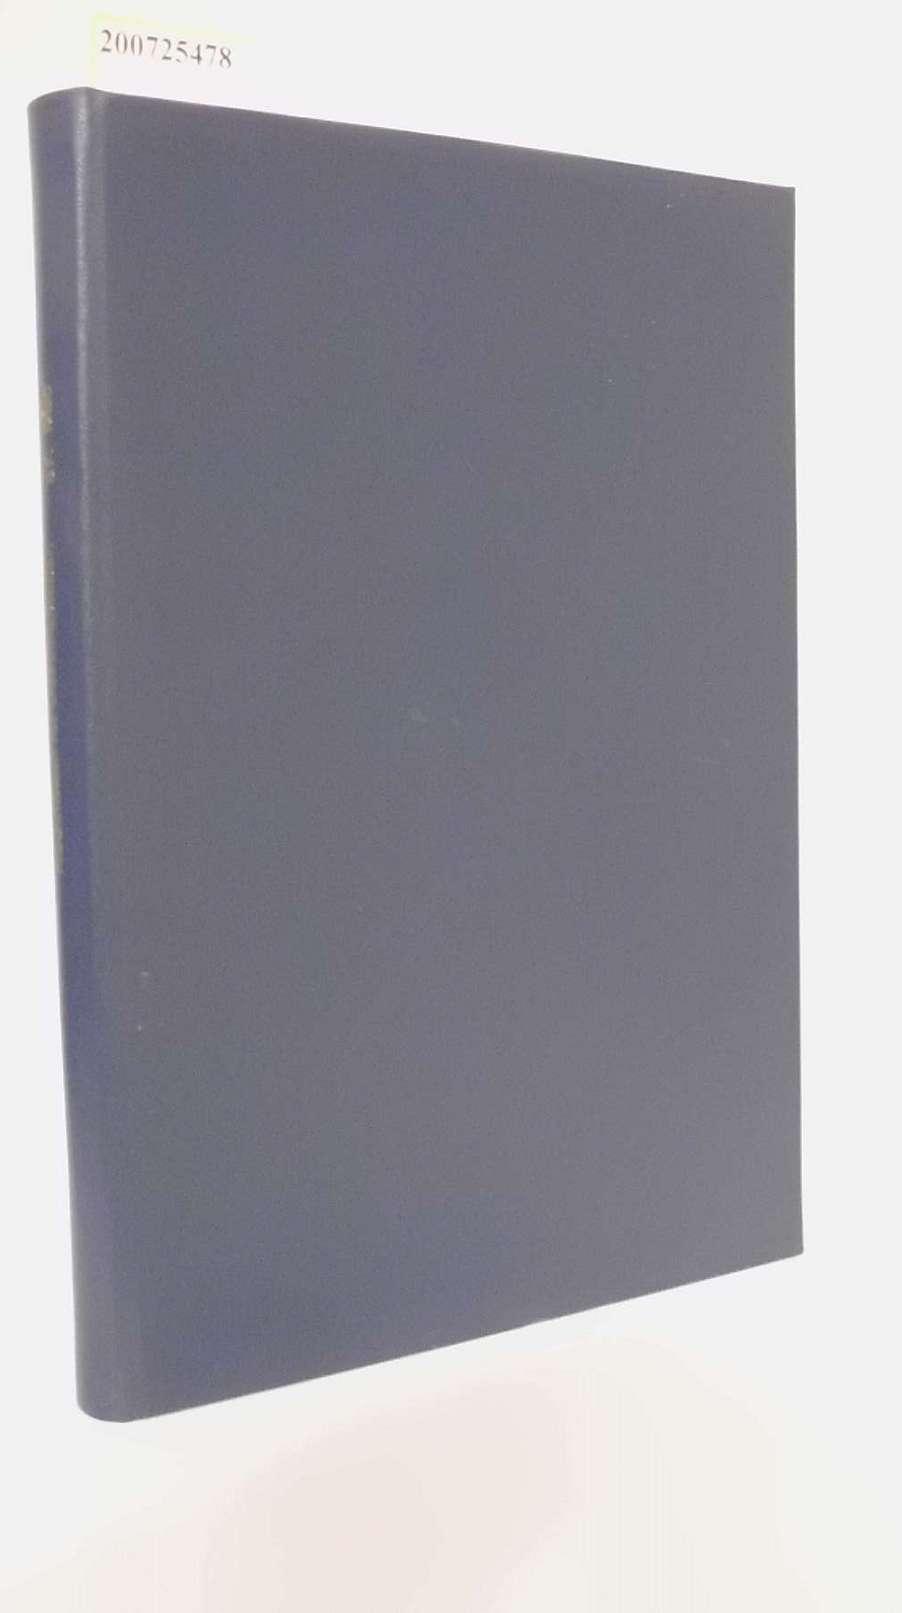 Nachrichten für Dokumentation herausgegeben von der Deutschen Gesellschaft für Dokumentation e. V. , 37. Jahrgang 1986 Zeitschrift für Information und Dokumentation mit Schrifttum zu den Informationswissenschaften